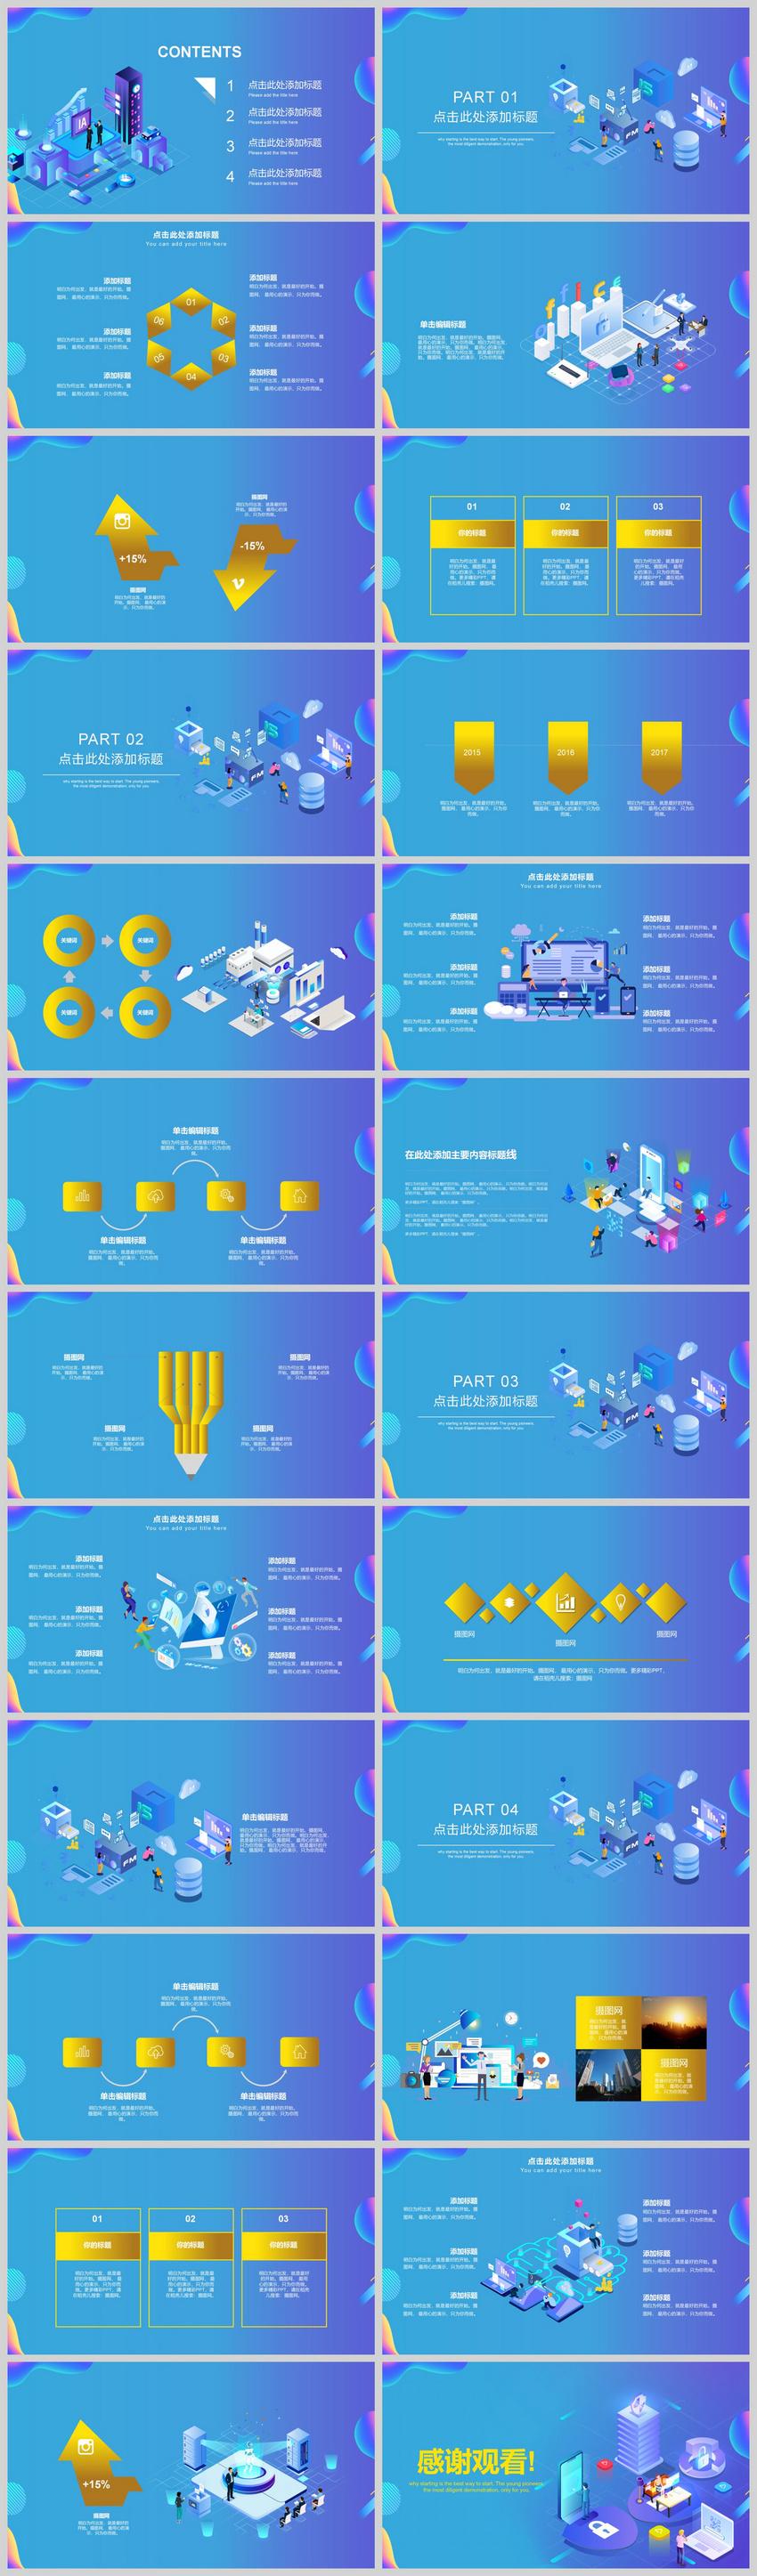 蓝色科技网络信息安全PPT模板图片